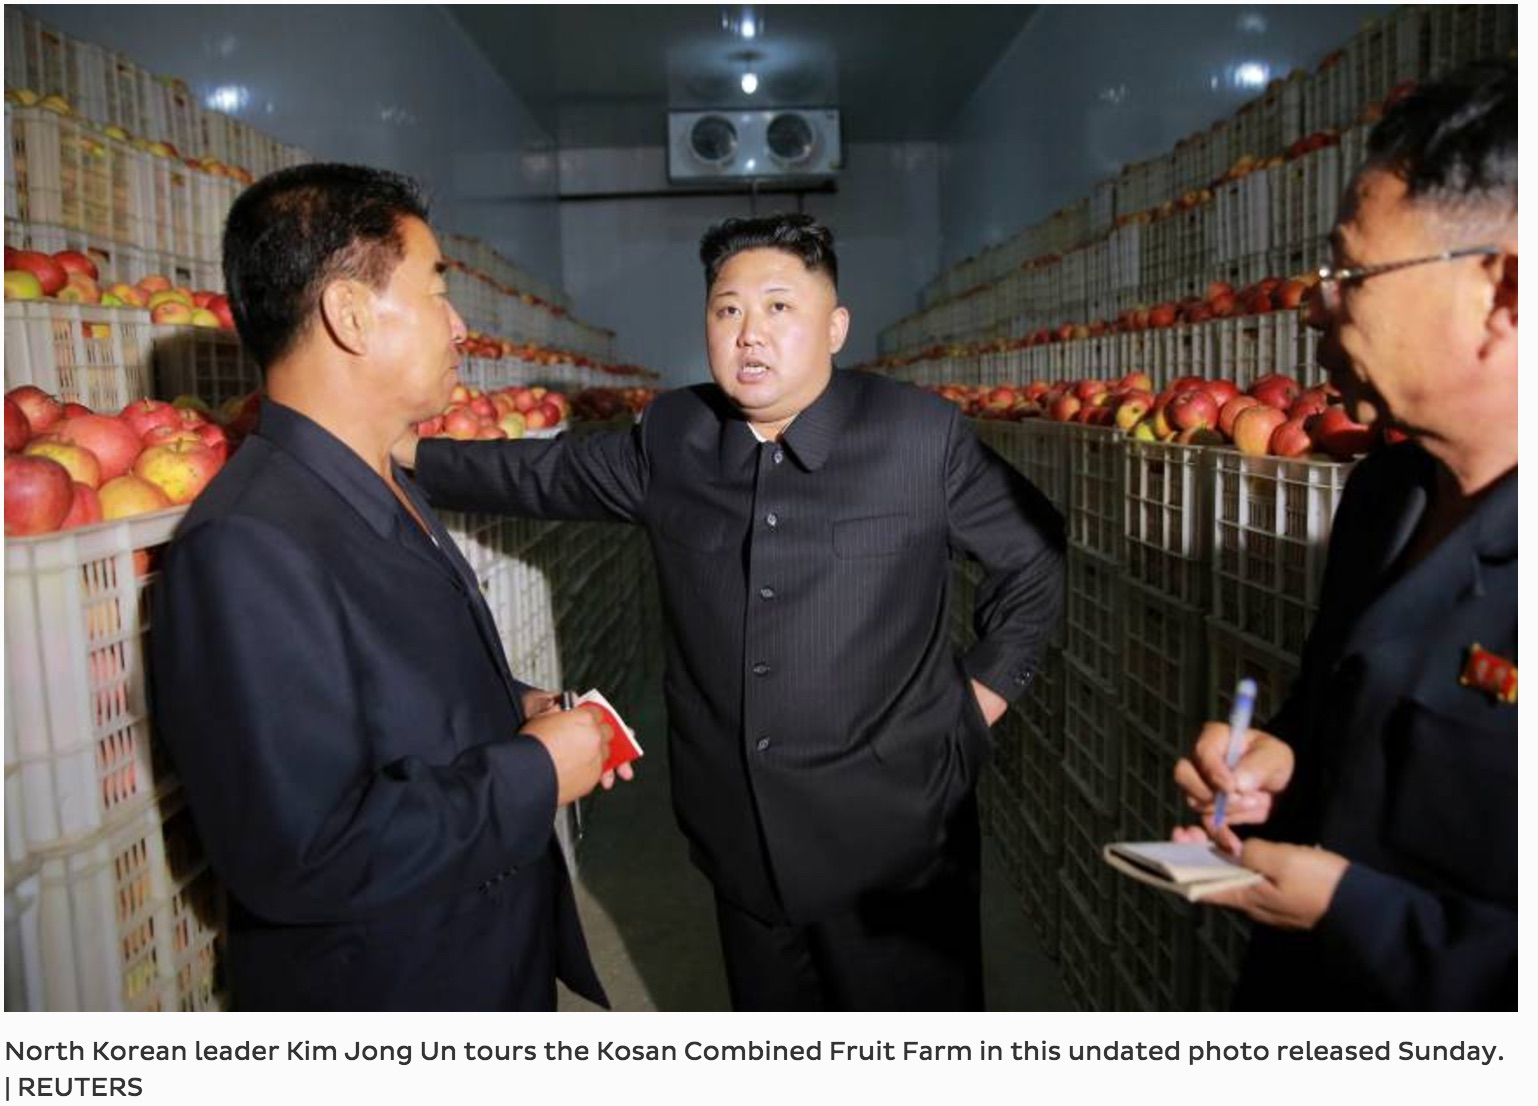 Indifférente aux sanctions onusiennes, la Corée du Nord continue ses provocations face à une communauté internationale désarmée. Ci-dessus le leader nord-coréen Kim Jong-un, lors d'une visite de terrain dans une ferme collective de Kosan. Copie d'écran du Japan Times, le 21 septembre 2016.